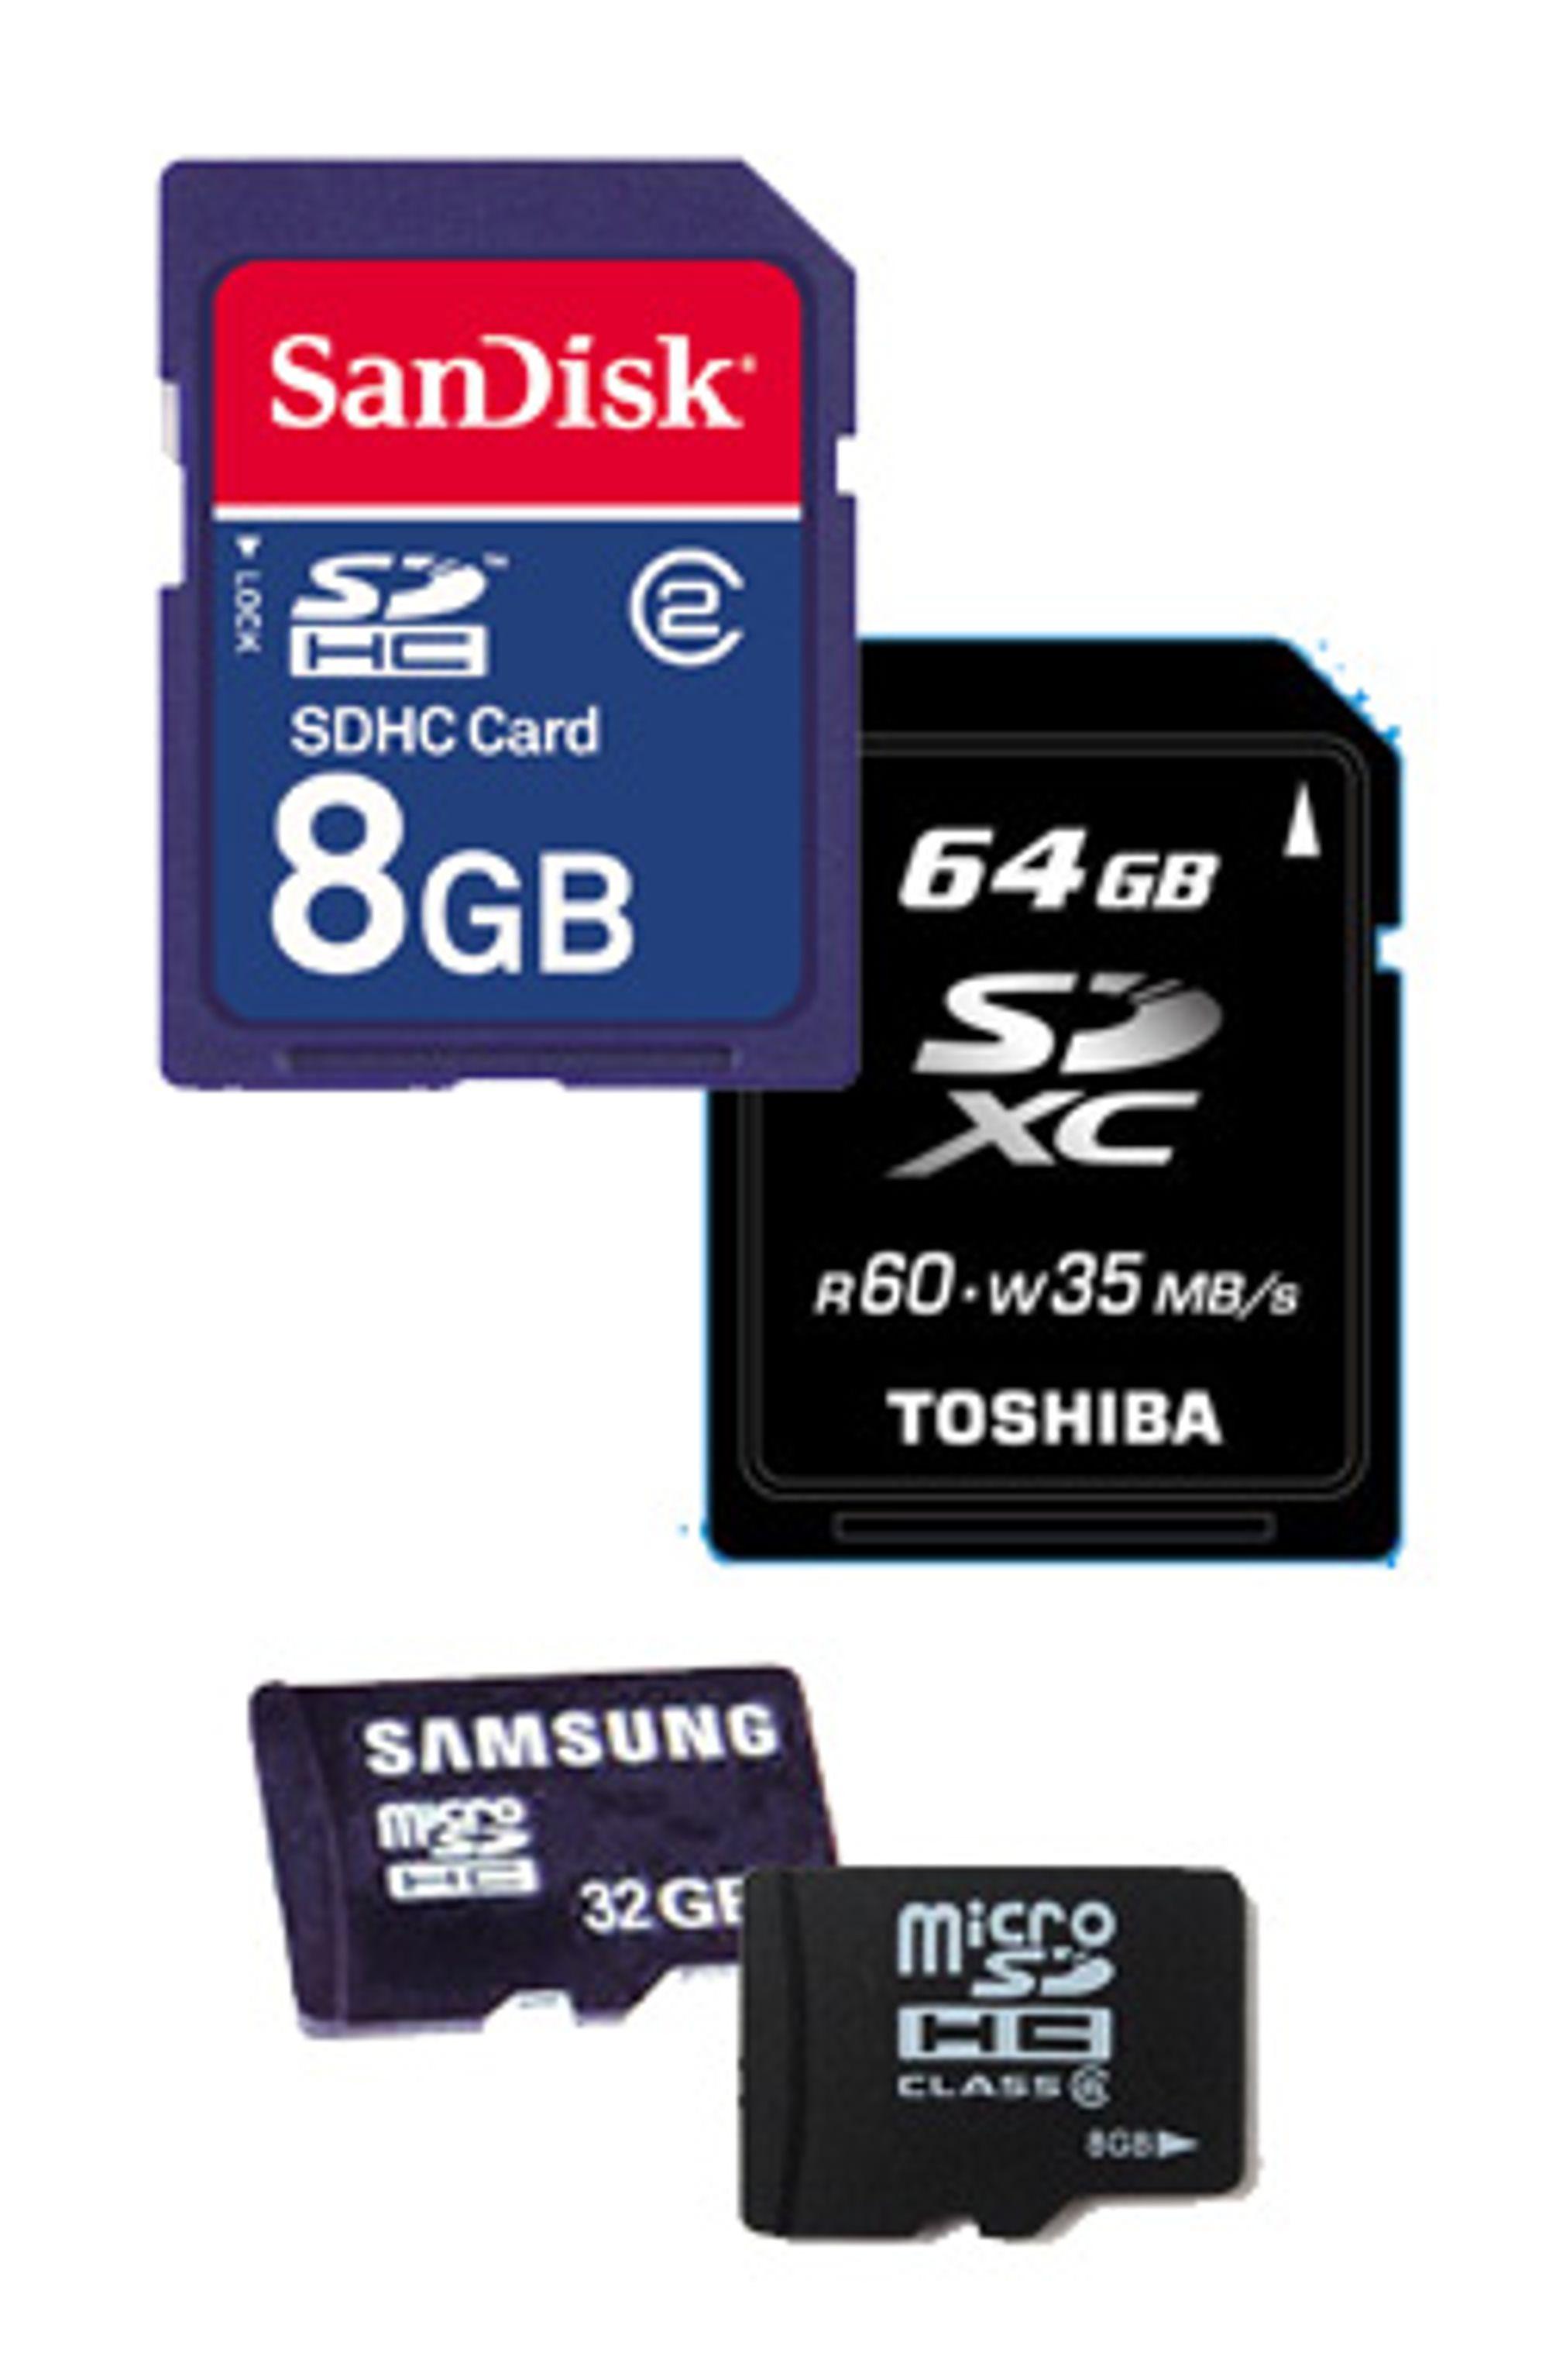 SDHC, SDXC, micro-SDHC og micro-SDXC er kortene som vil kunne nå nye hastighetshøyder.